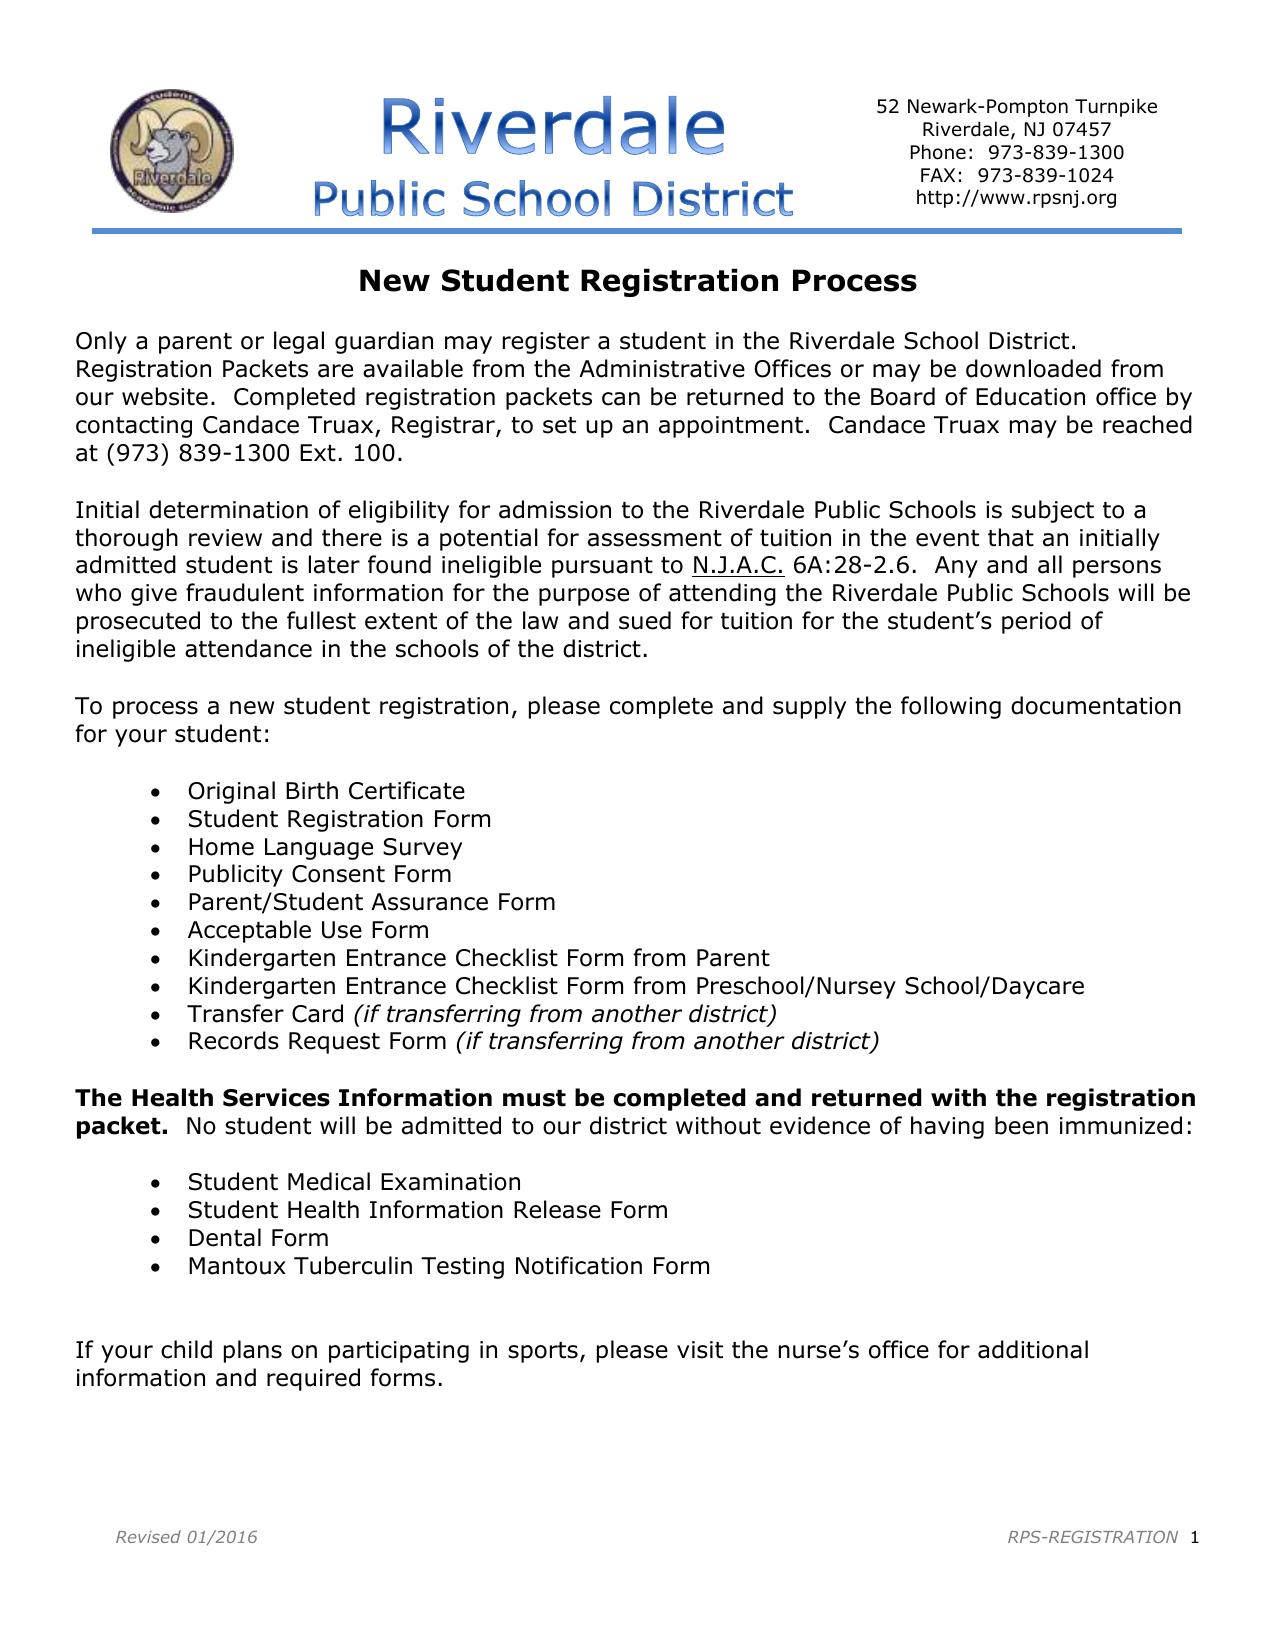 Registration Form for Enrollment